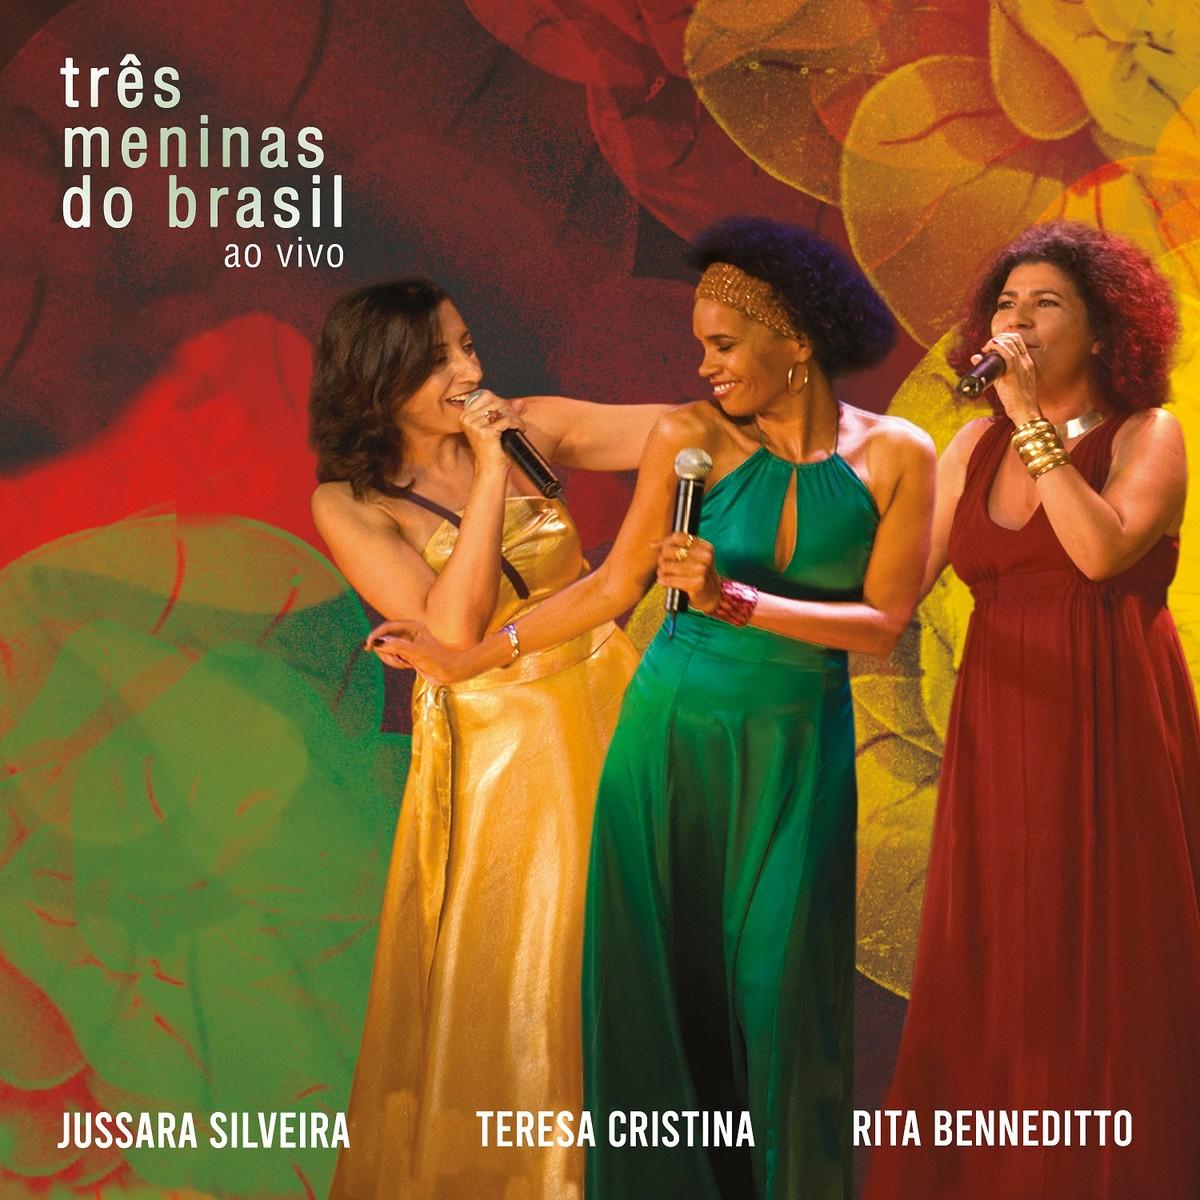 Álbum de Teresa Cristina com Jussara Silveira e Rita Benneditto é revitalizado na volta ao catálogo | Blog do Mauro Ferreira